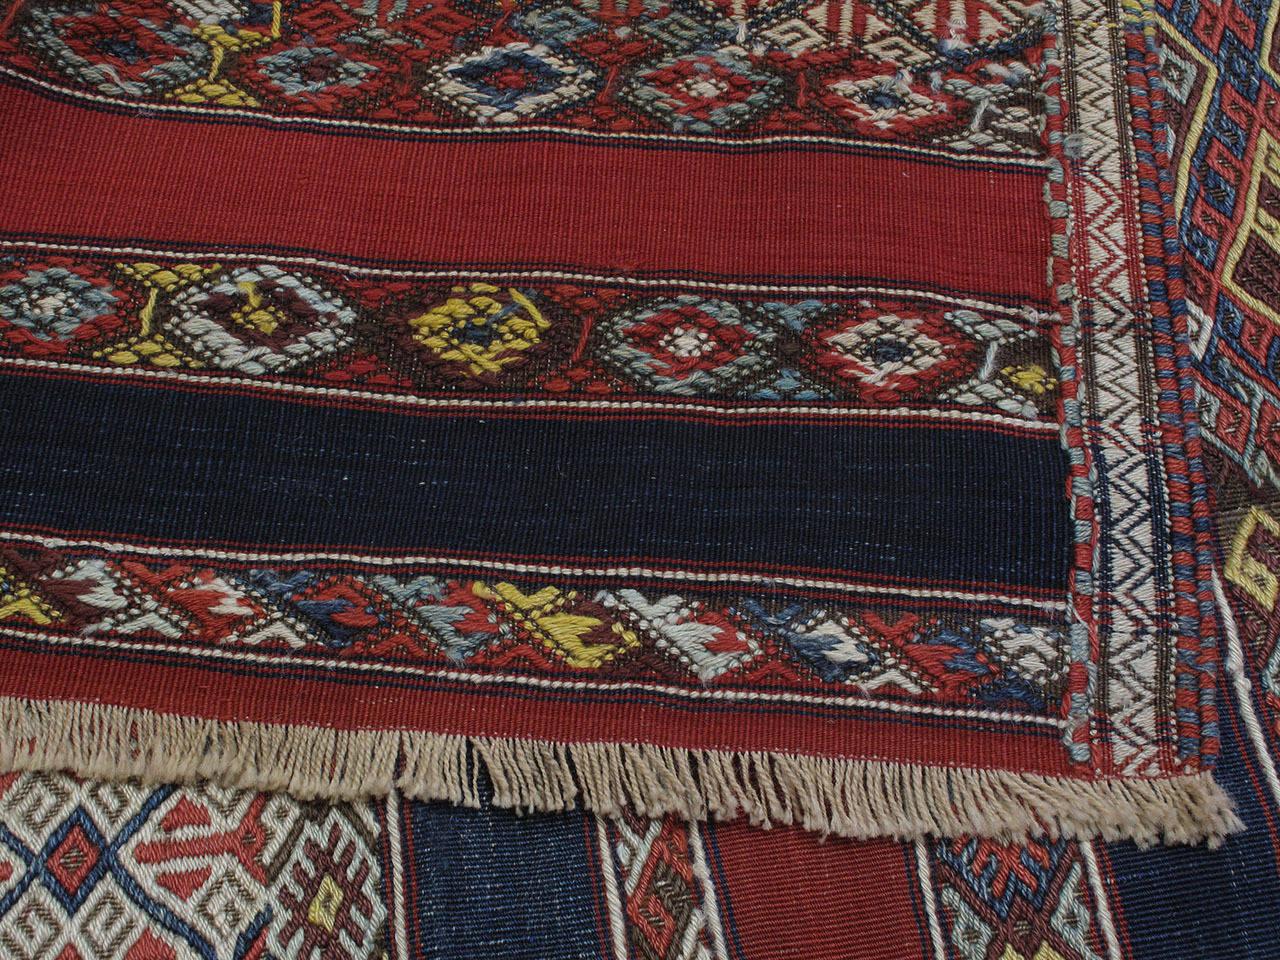 Antique Malatya Kilim Rug For Sale 2